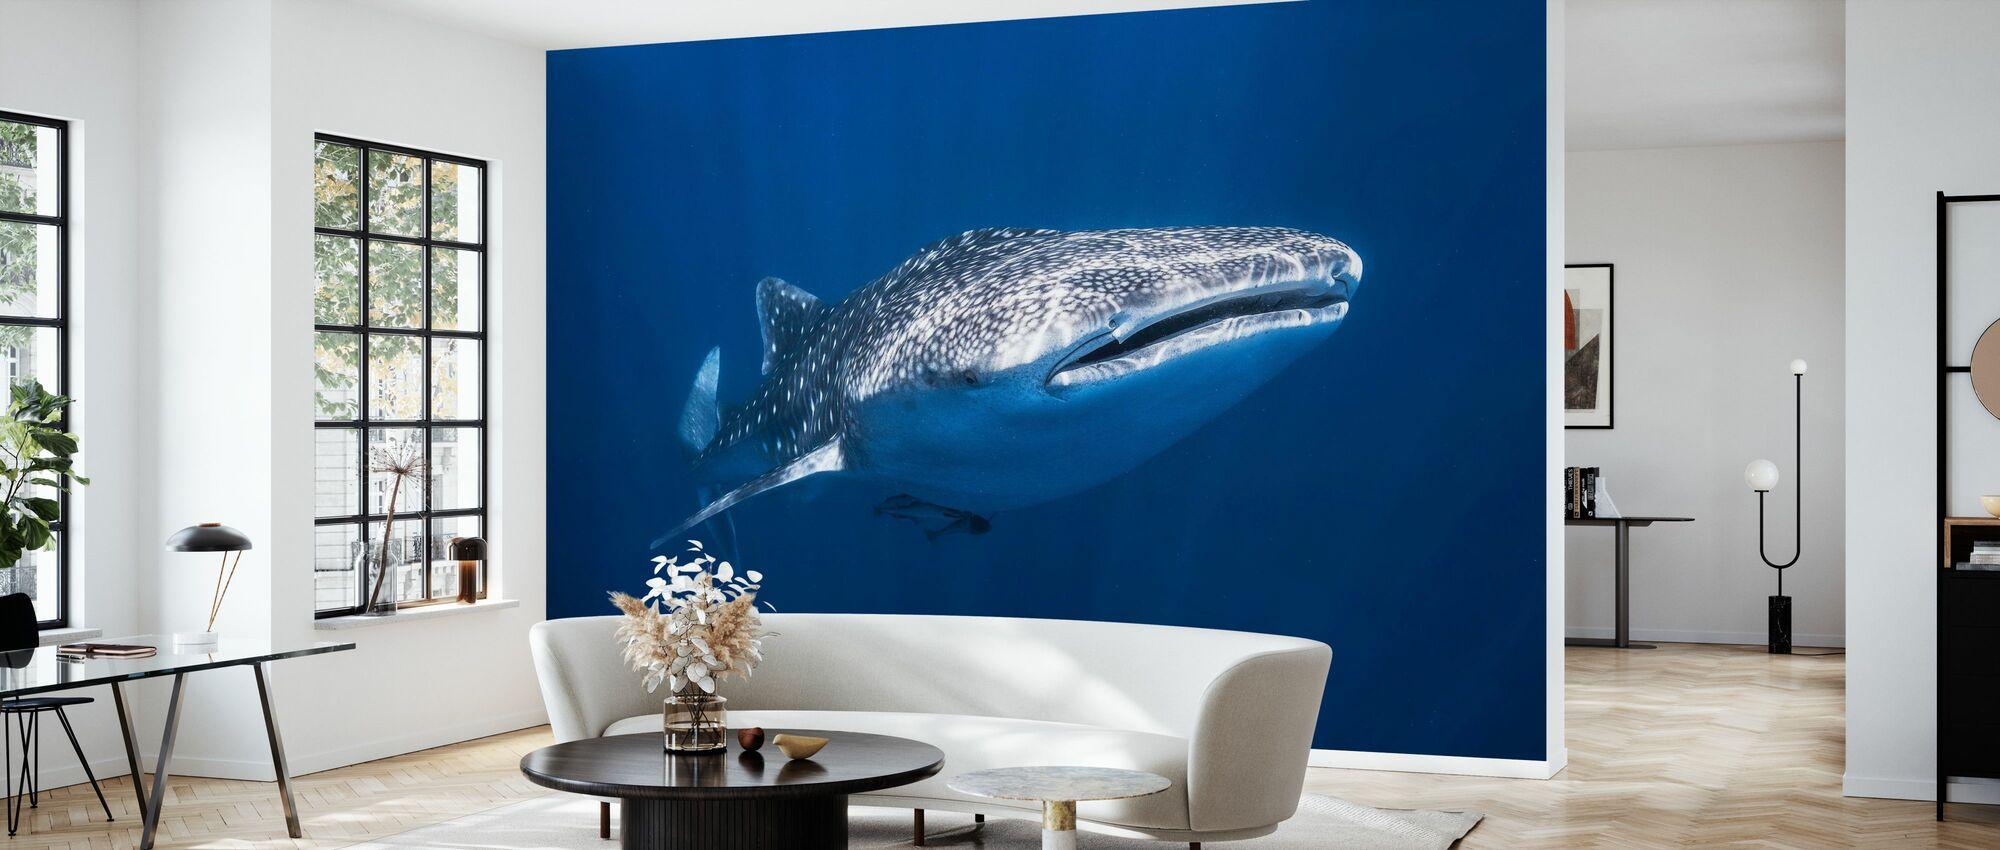 Whale Shark - Wallpaper - Living Room